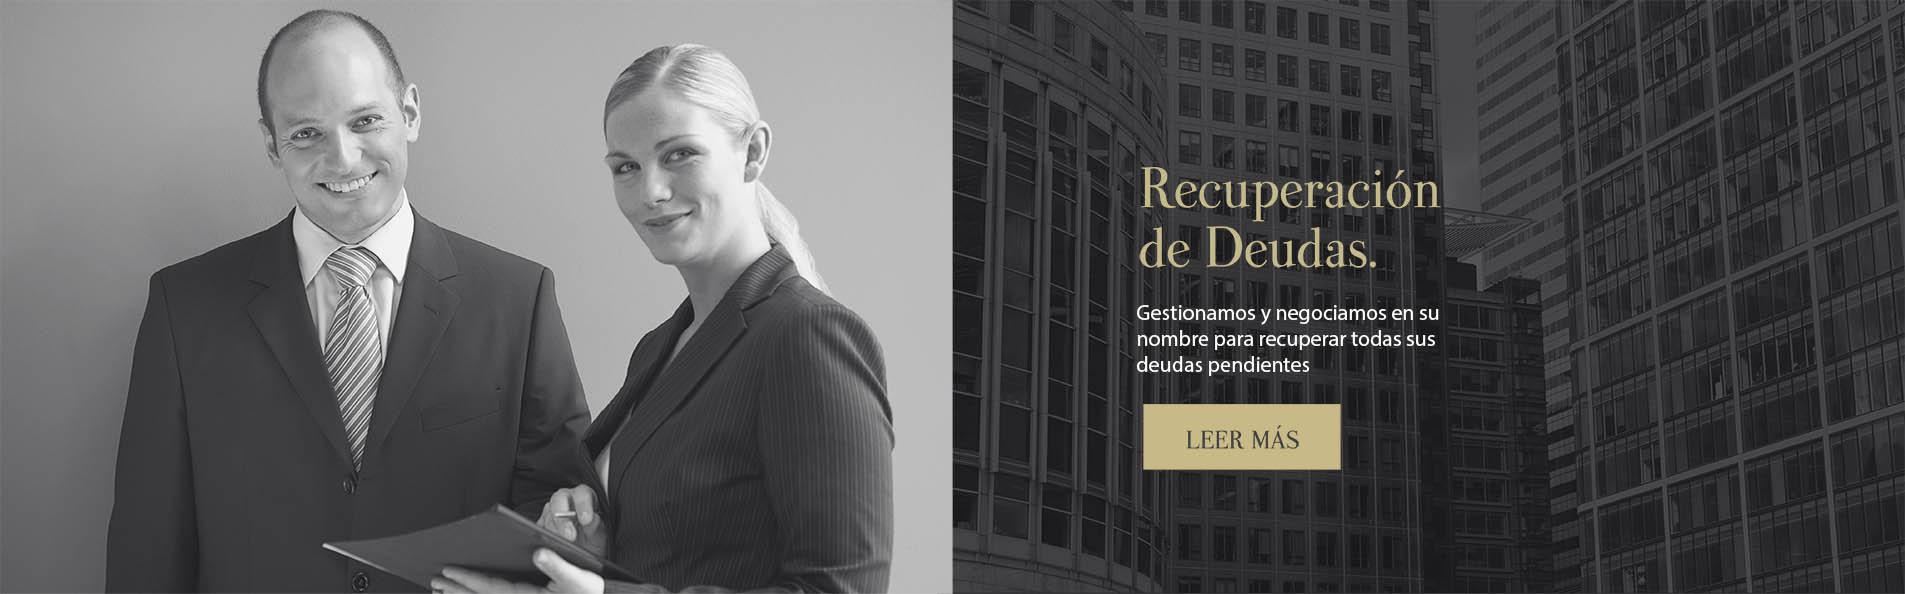 Profesionales en la recuperación de deudas